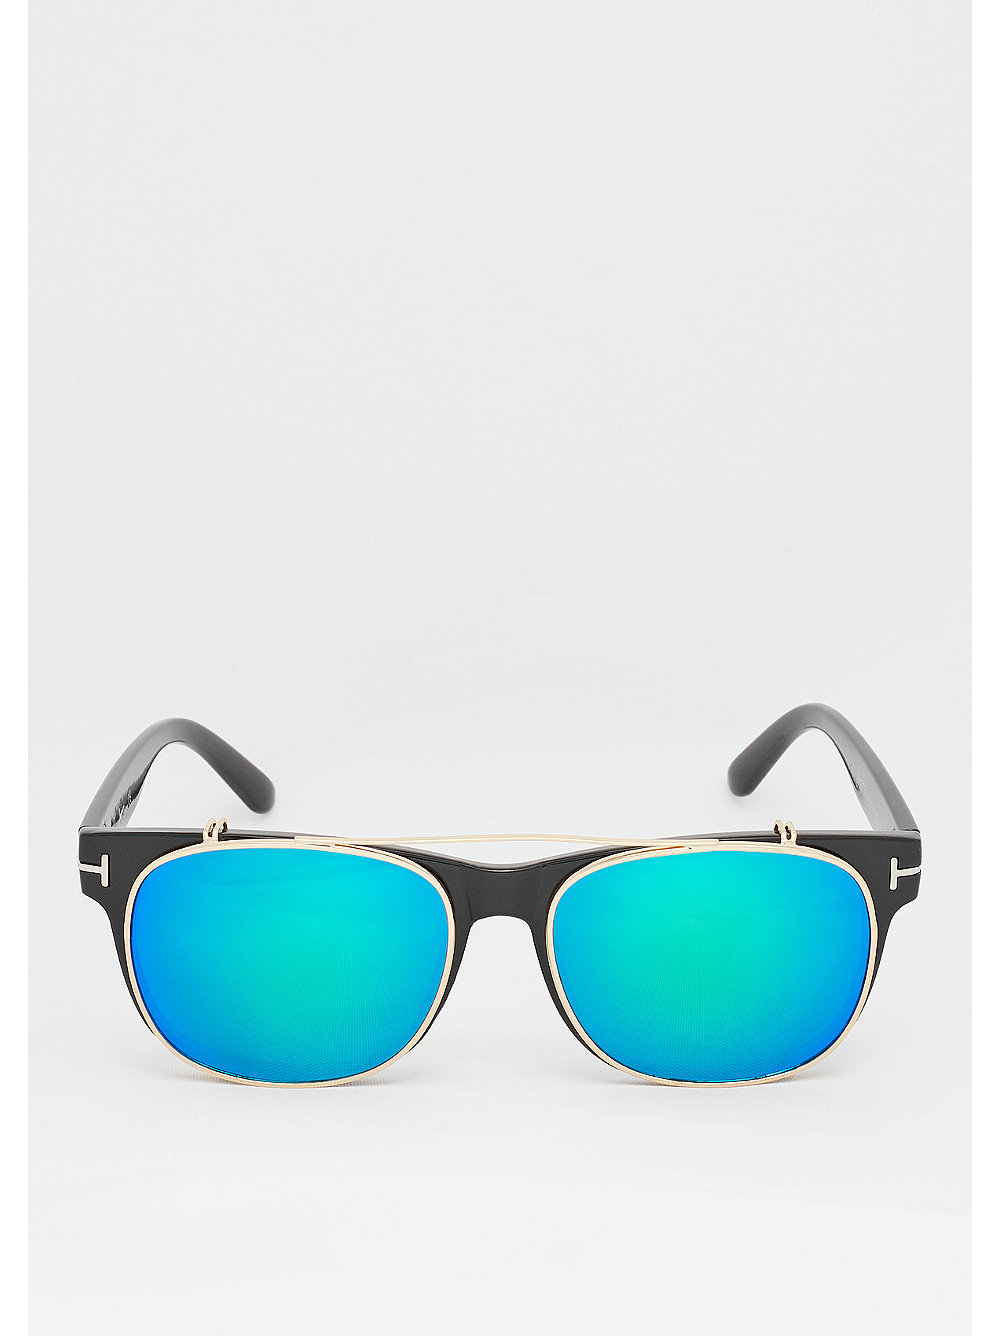 Artikel klicken und genauer betrachten! - Die Gläser der JP0273 Sonnenbrille von JeepersPeepers versprechen Summer , Sun & Fun! Das Retro Design der Brille rundet den Look ab. Features : rundes Gestell farbige Gläser 100% UV-Schutz JeepersPeepers Logodetails Der Artikel wird in 1- 3 Tagen zu Dir nach Hause geliefert. Der Artikel ist verfügbar in den Größen one size für Herren. | im Online Shop kaufen